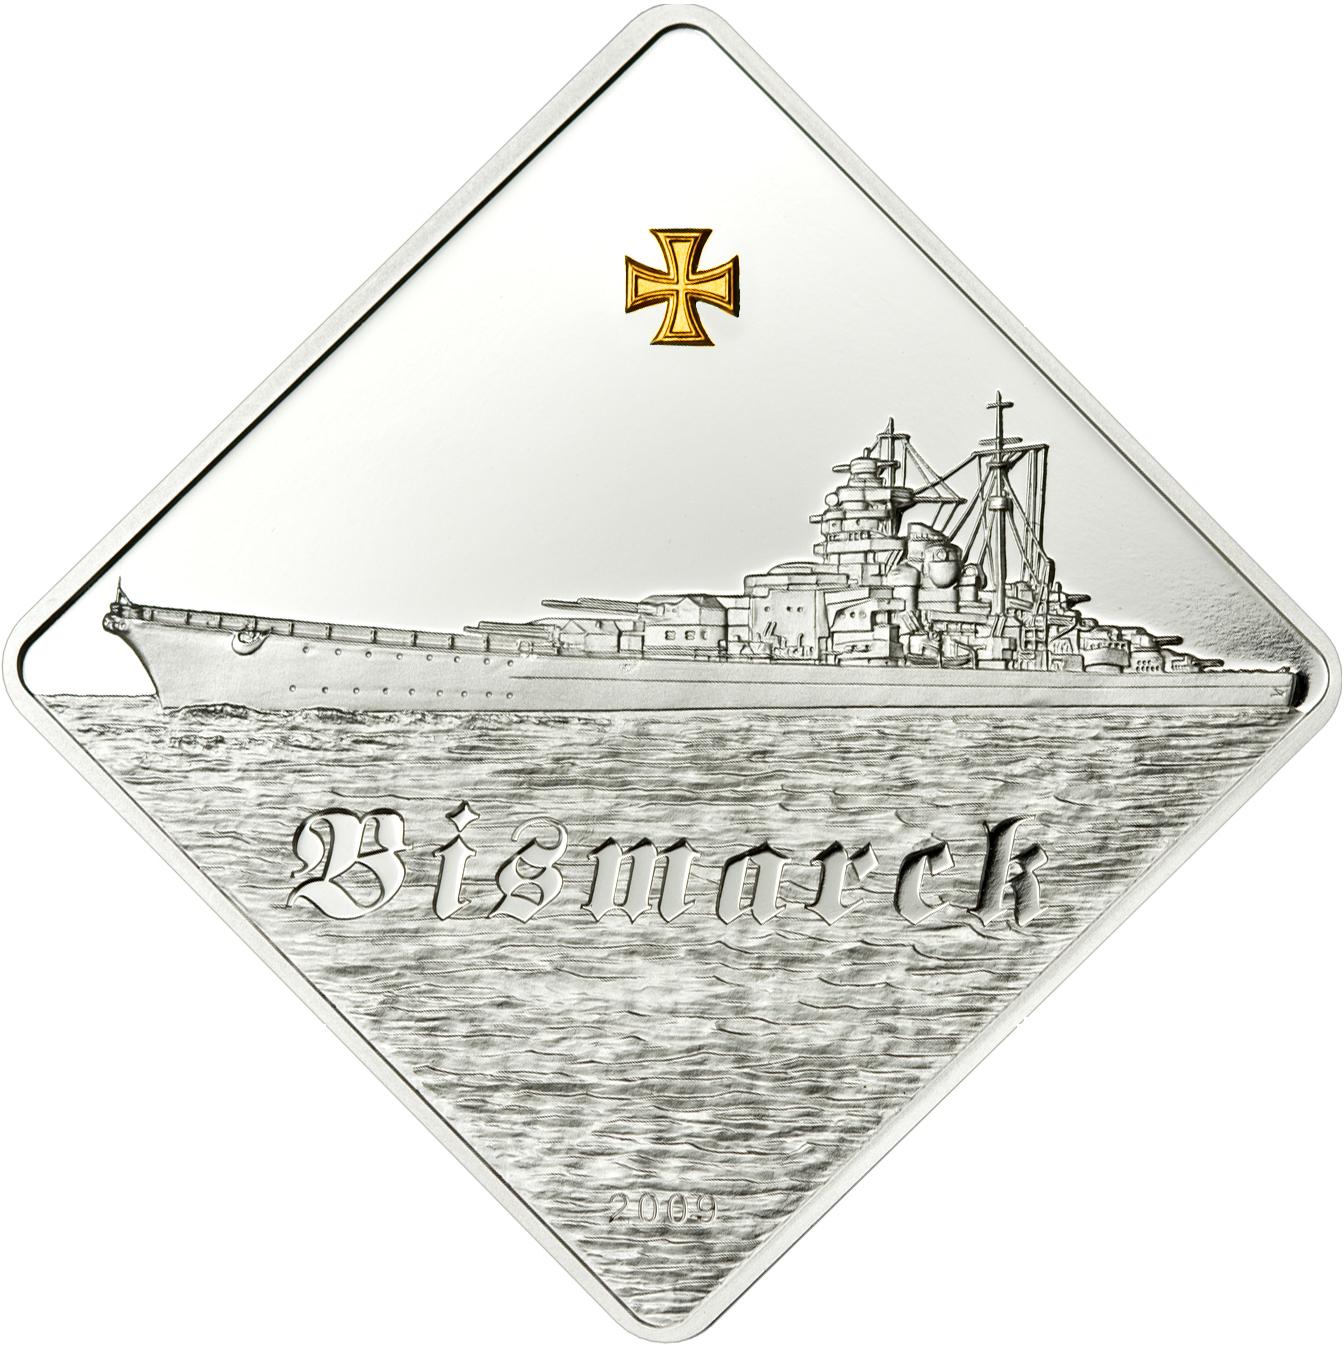 Münze Coin Invest Trust Cit Bismarck Schlachtschiff 10 Dollar